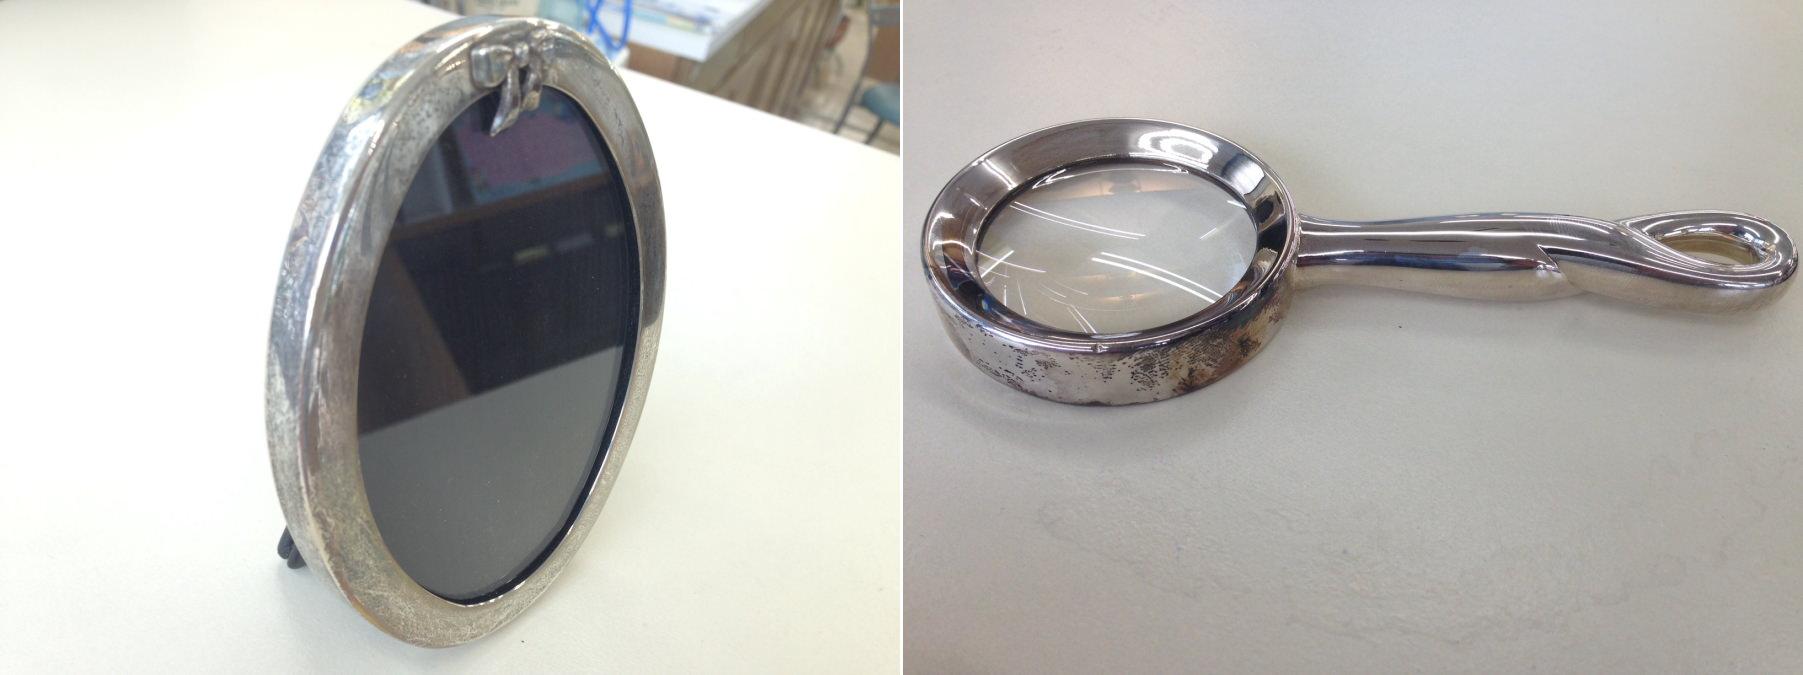 粉の銀みがきなども市販されていますが当店で使っているのは液体のものです。